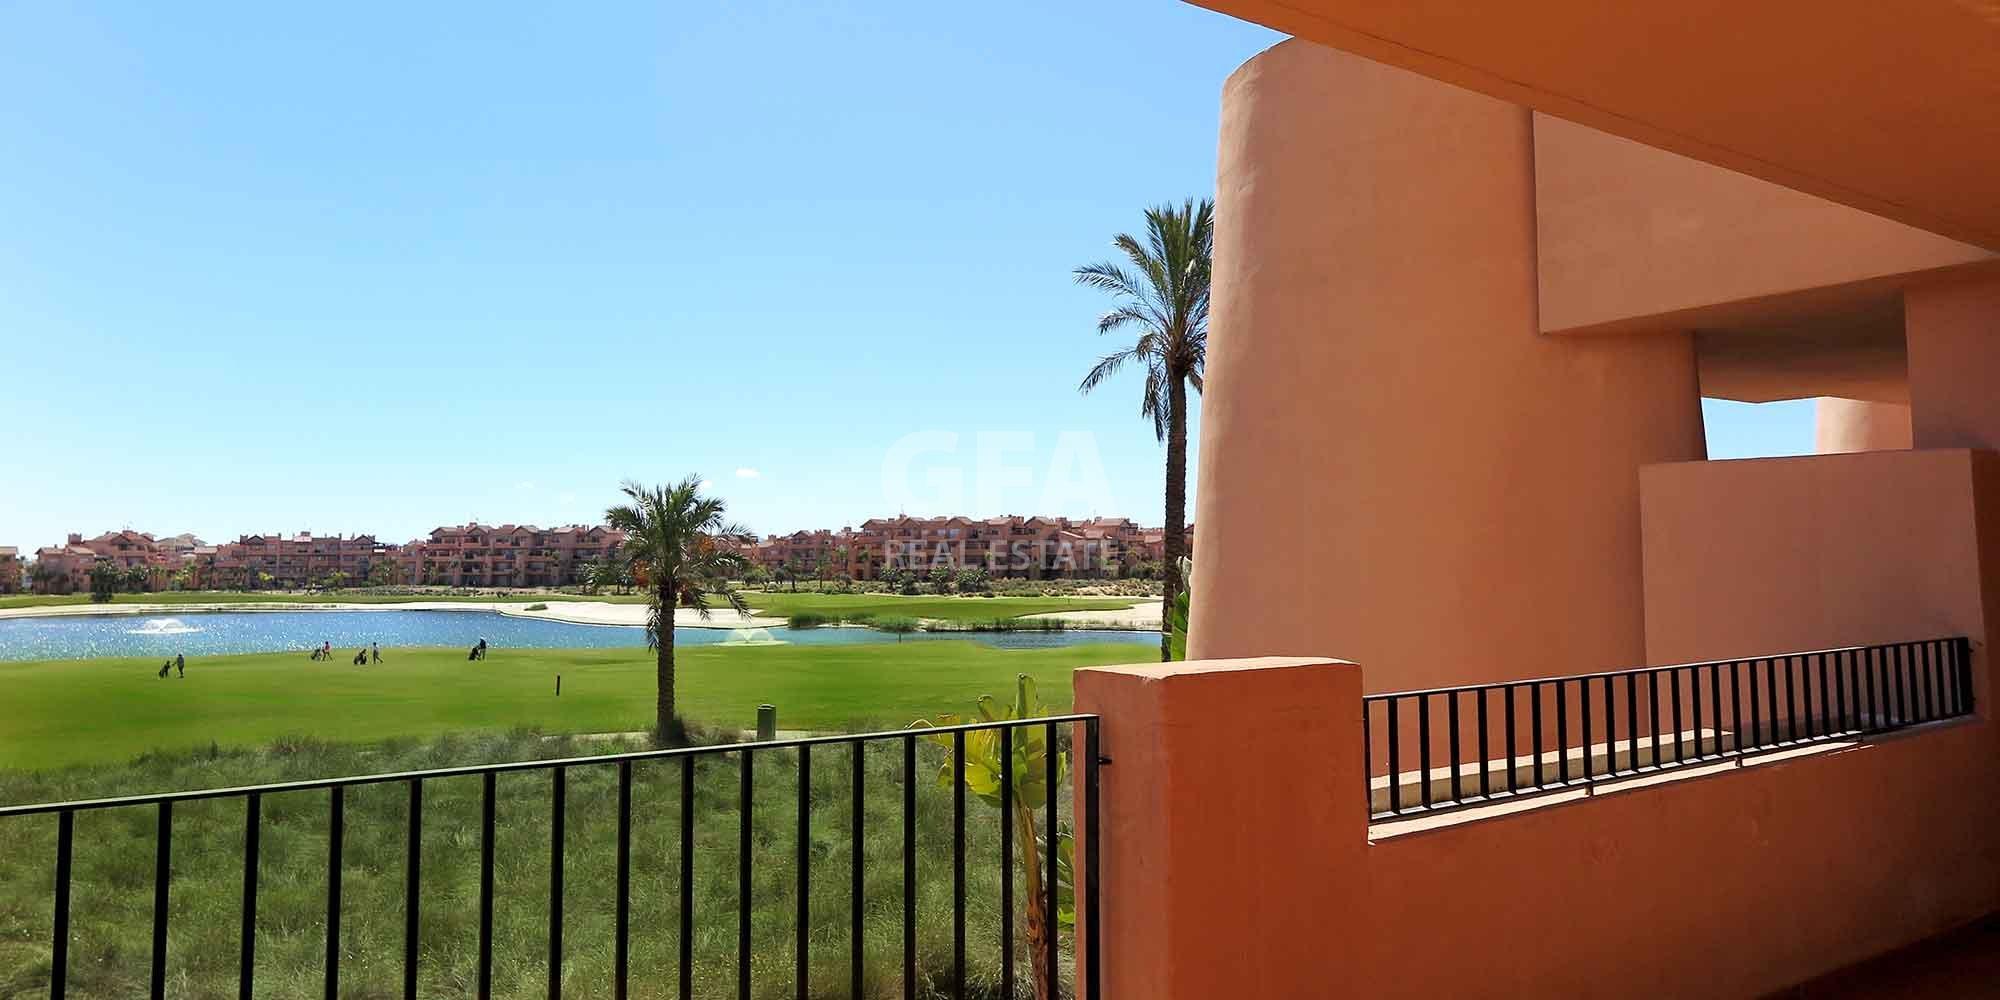 Residencial obra nueva Mar Menor Golf Resort vista terraza